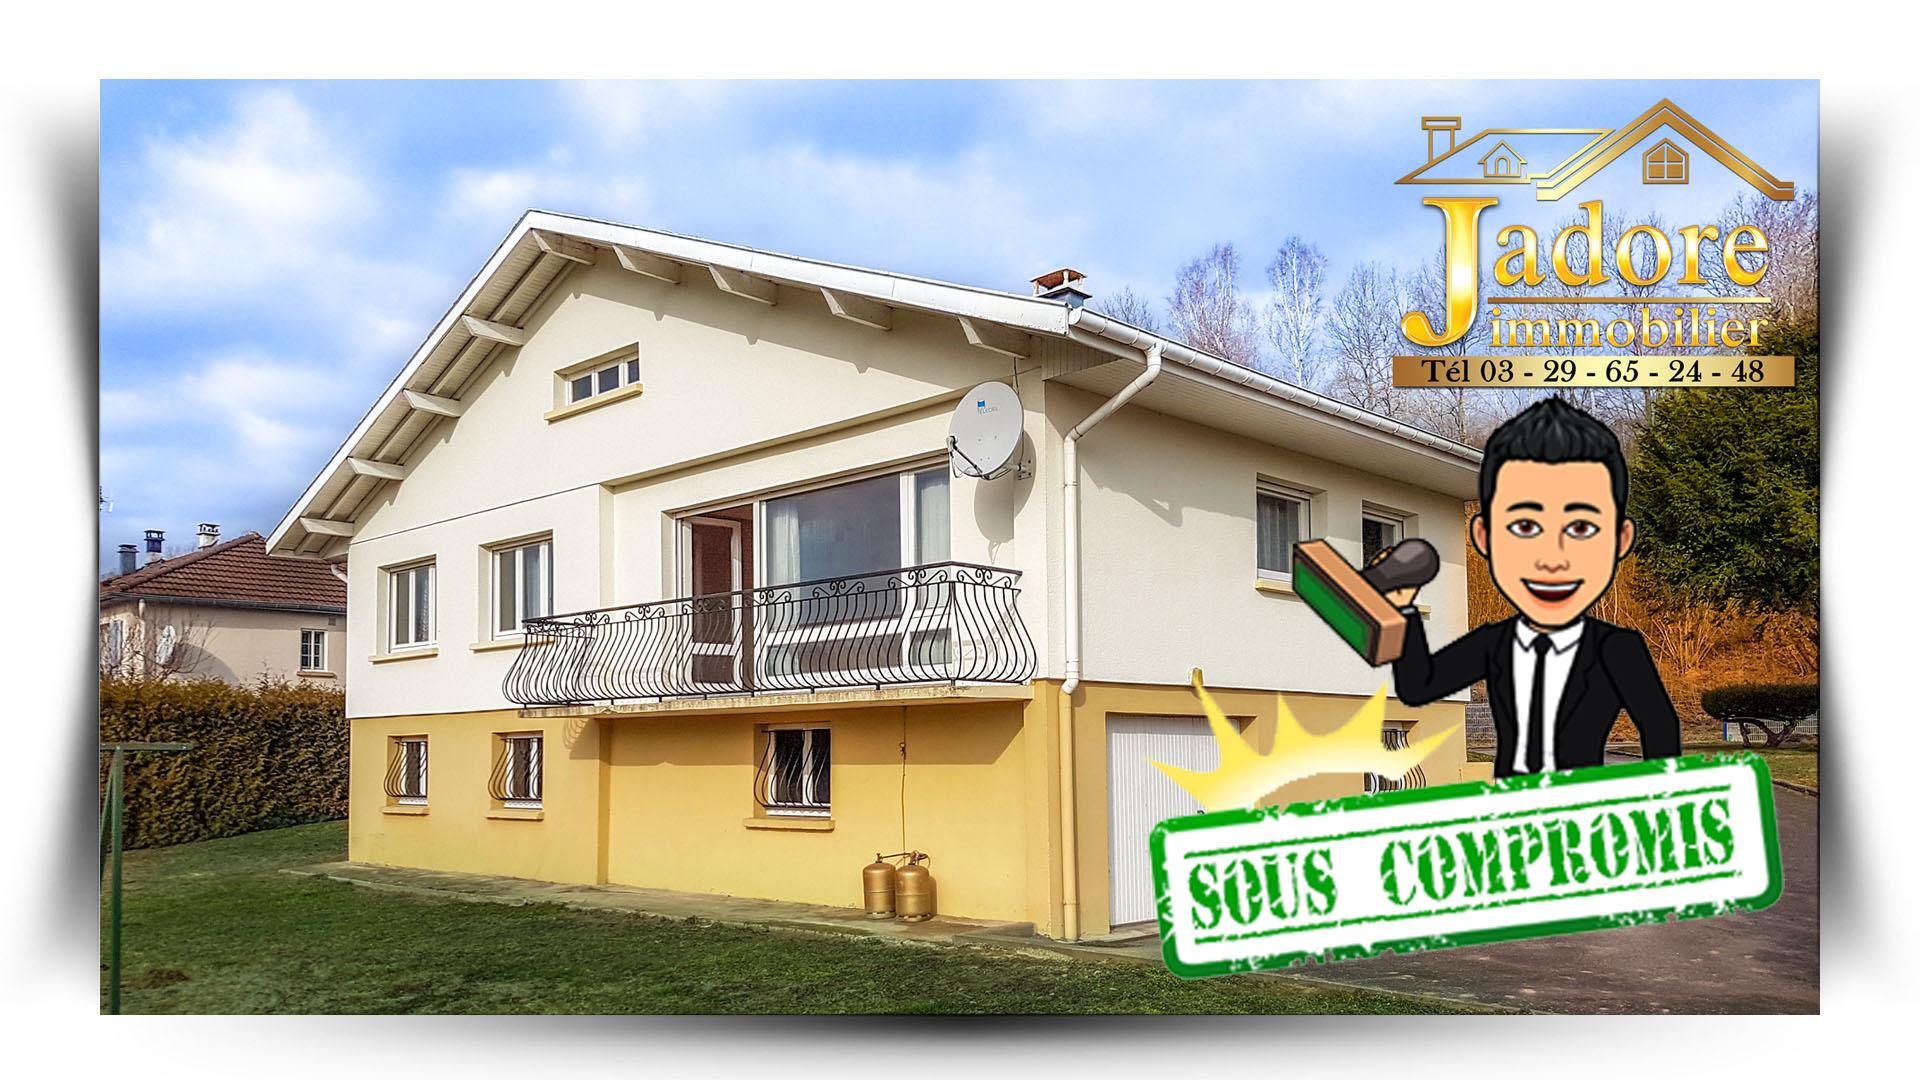 maison/villa à vendre pair et grandrupt